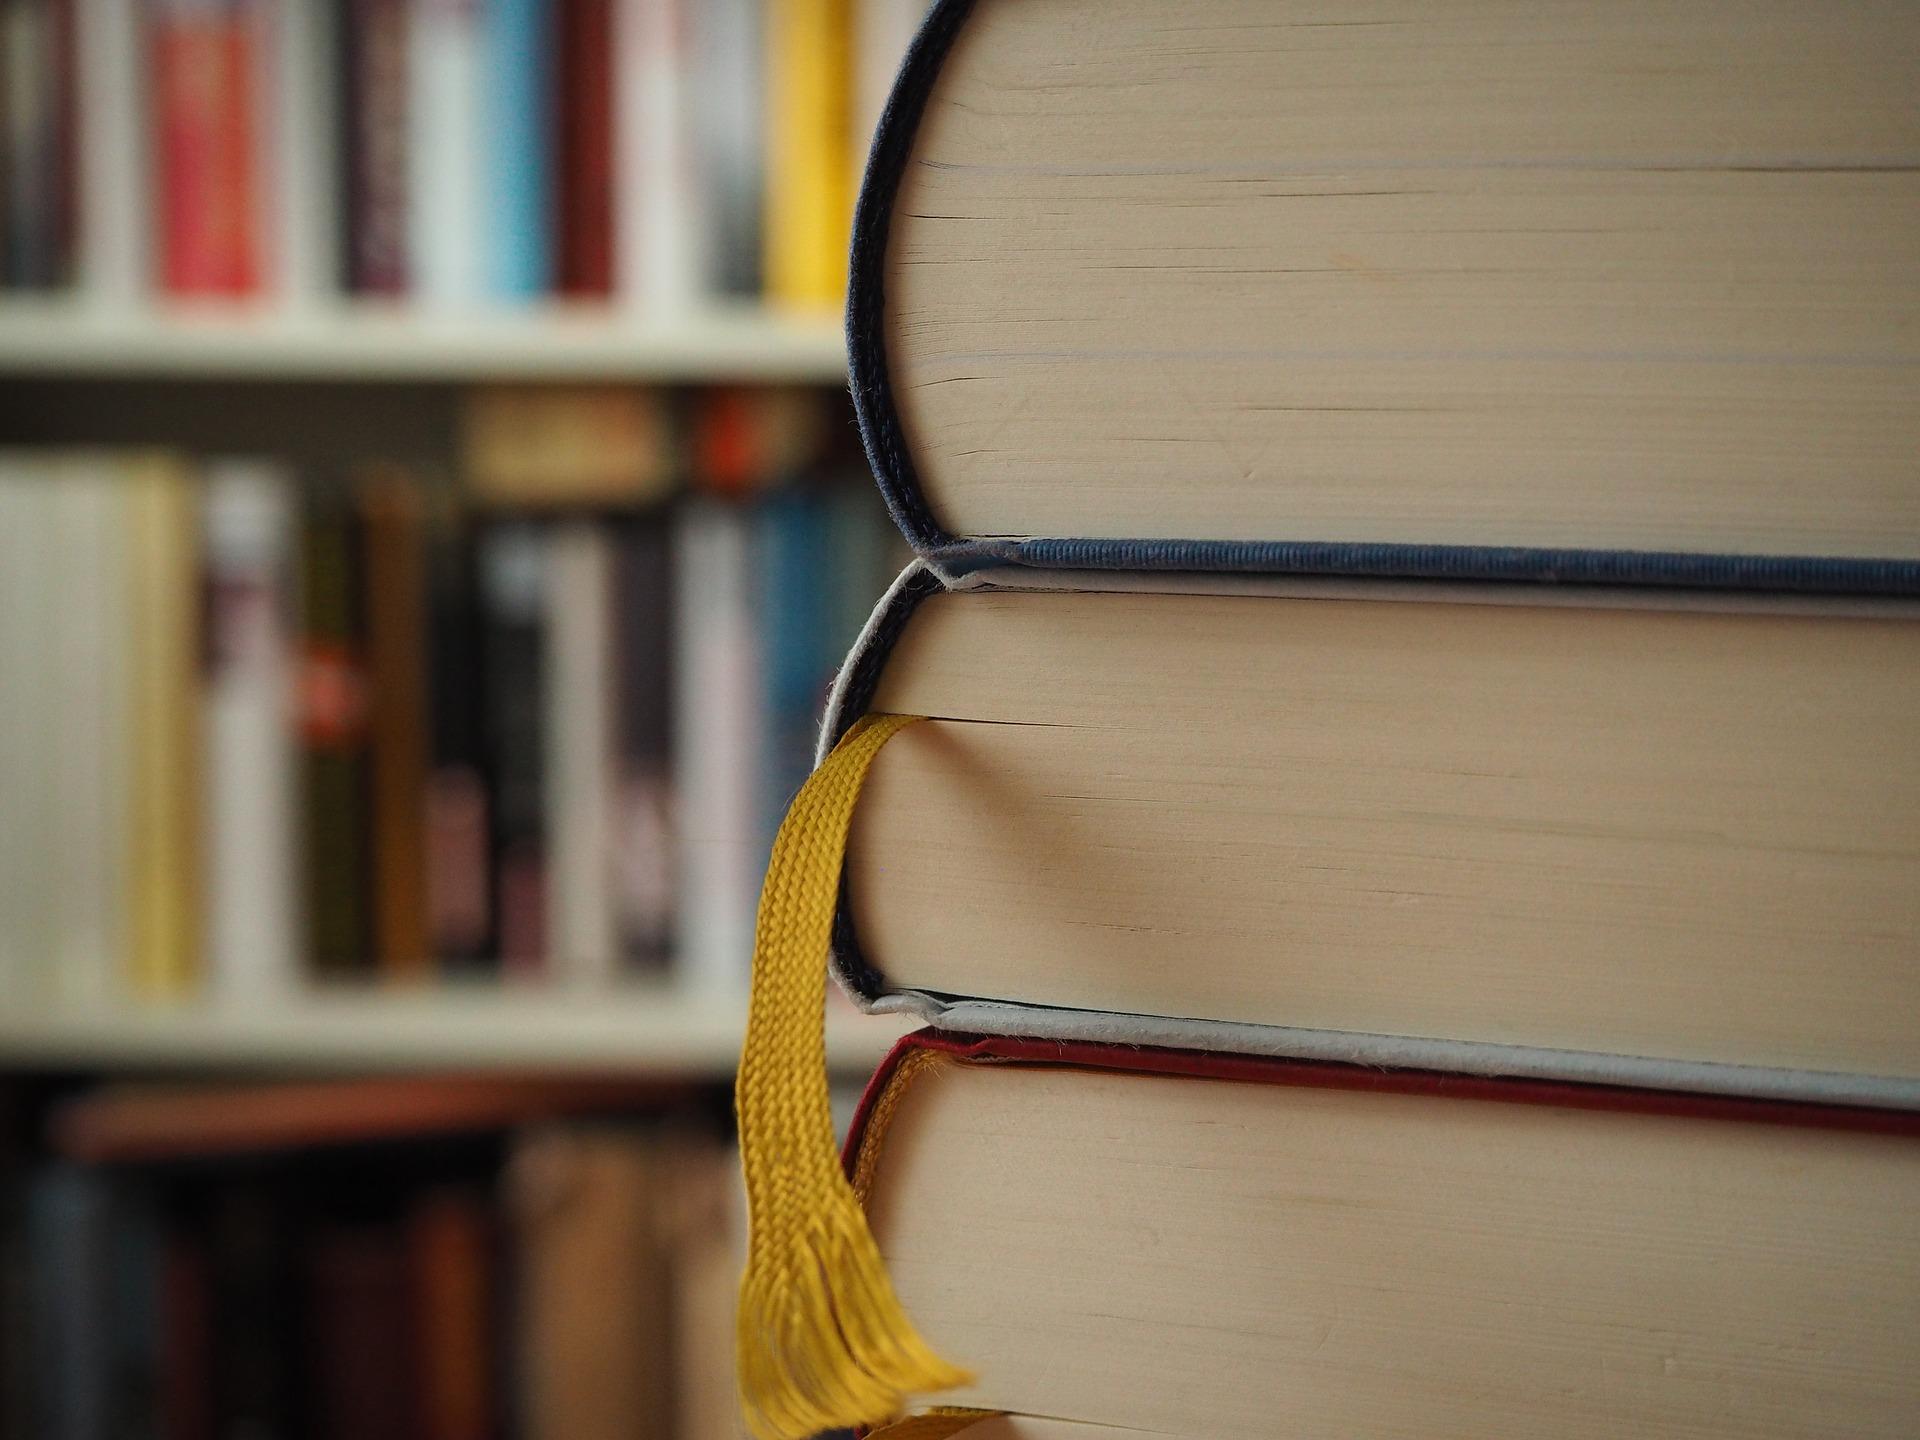 На книговороте можно бесплатно обменяться книгами, альбомами, открытками и дисками